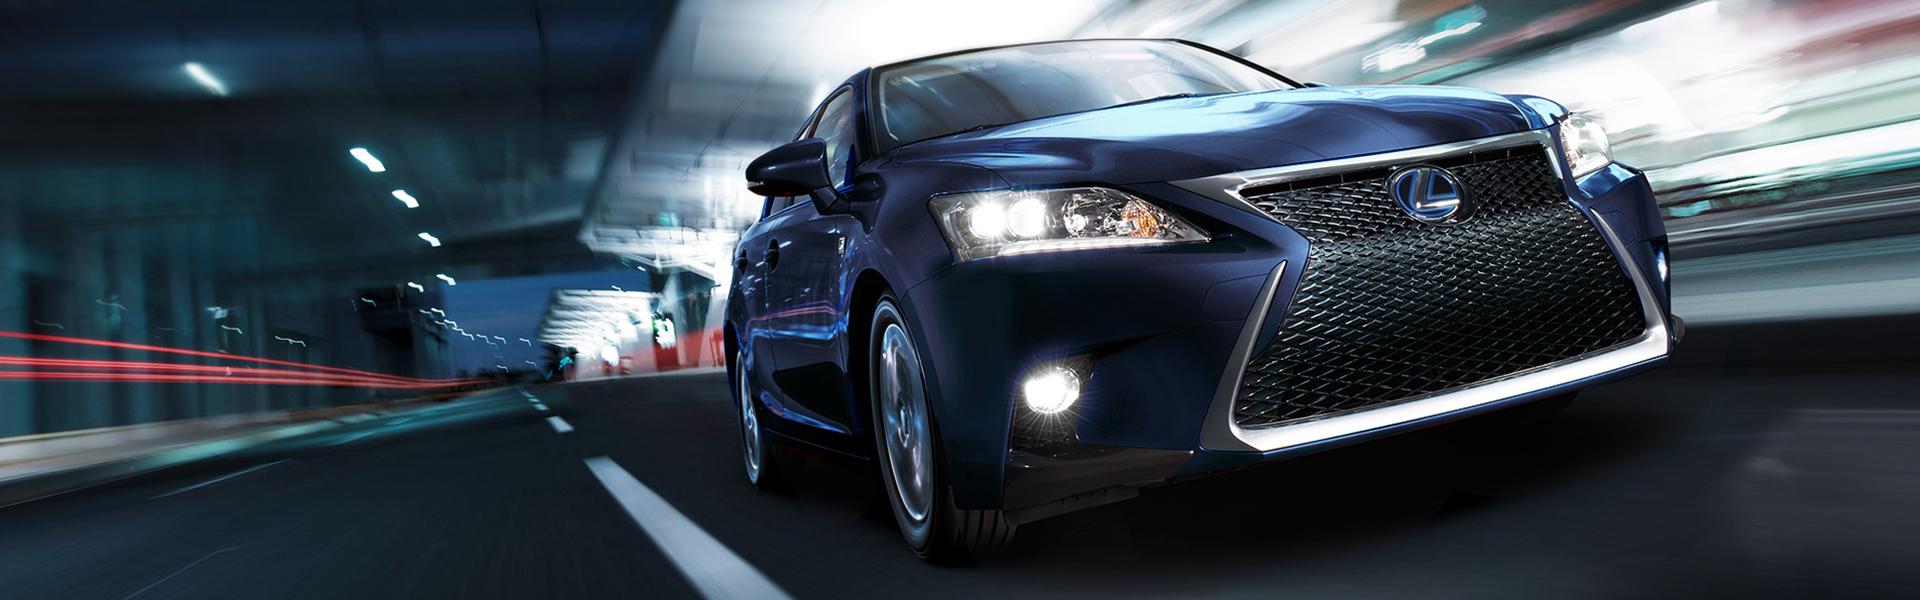 Kitchener Car Dealerships >> Redline Motors Used Cars Dealership Kitchener On